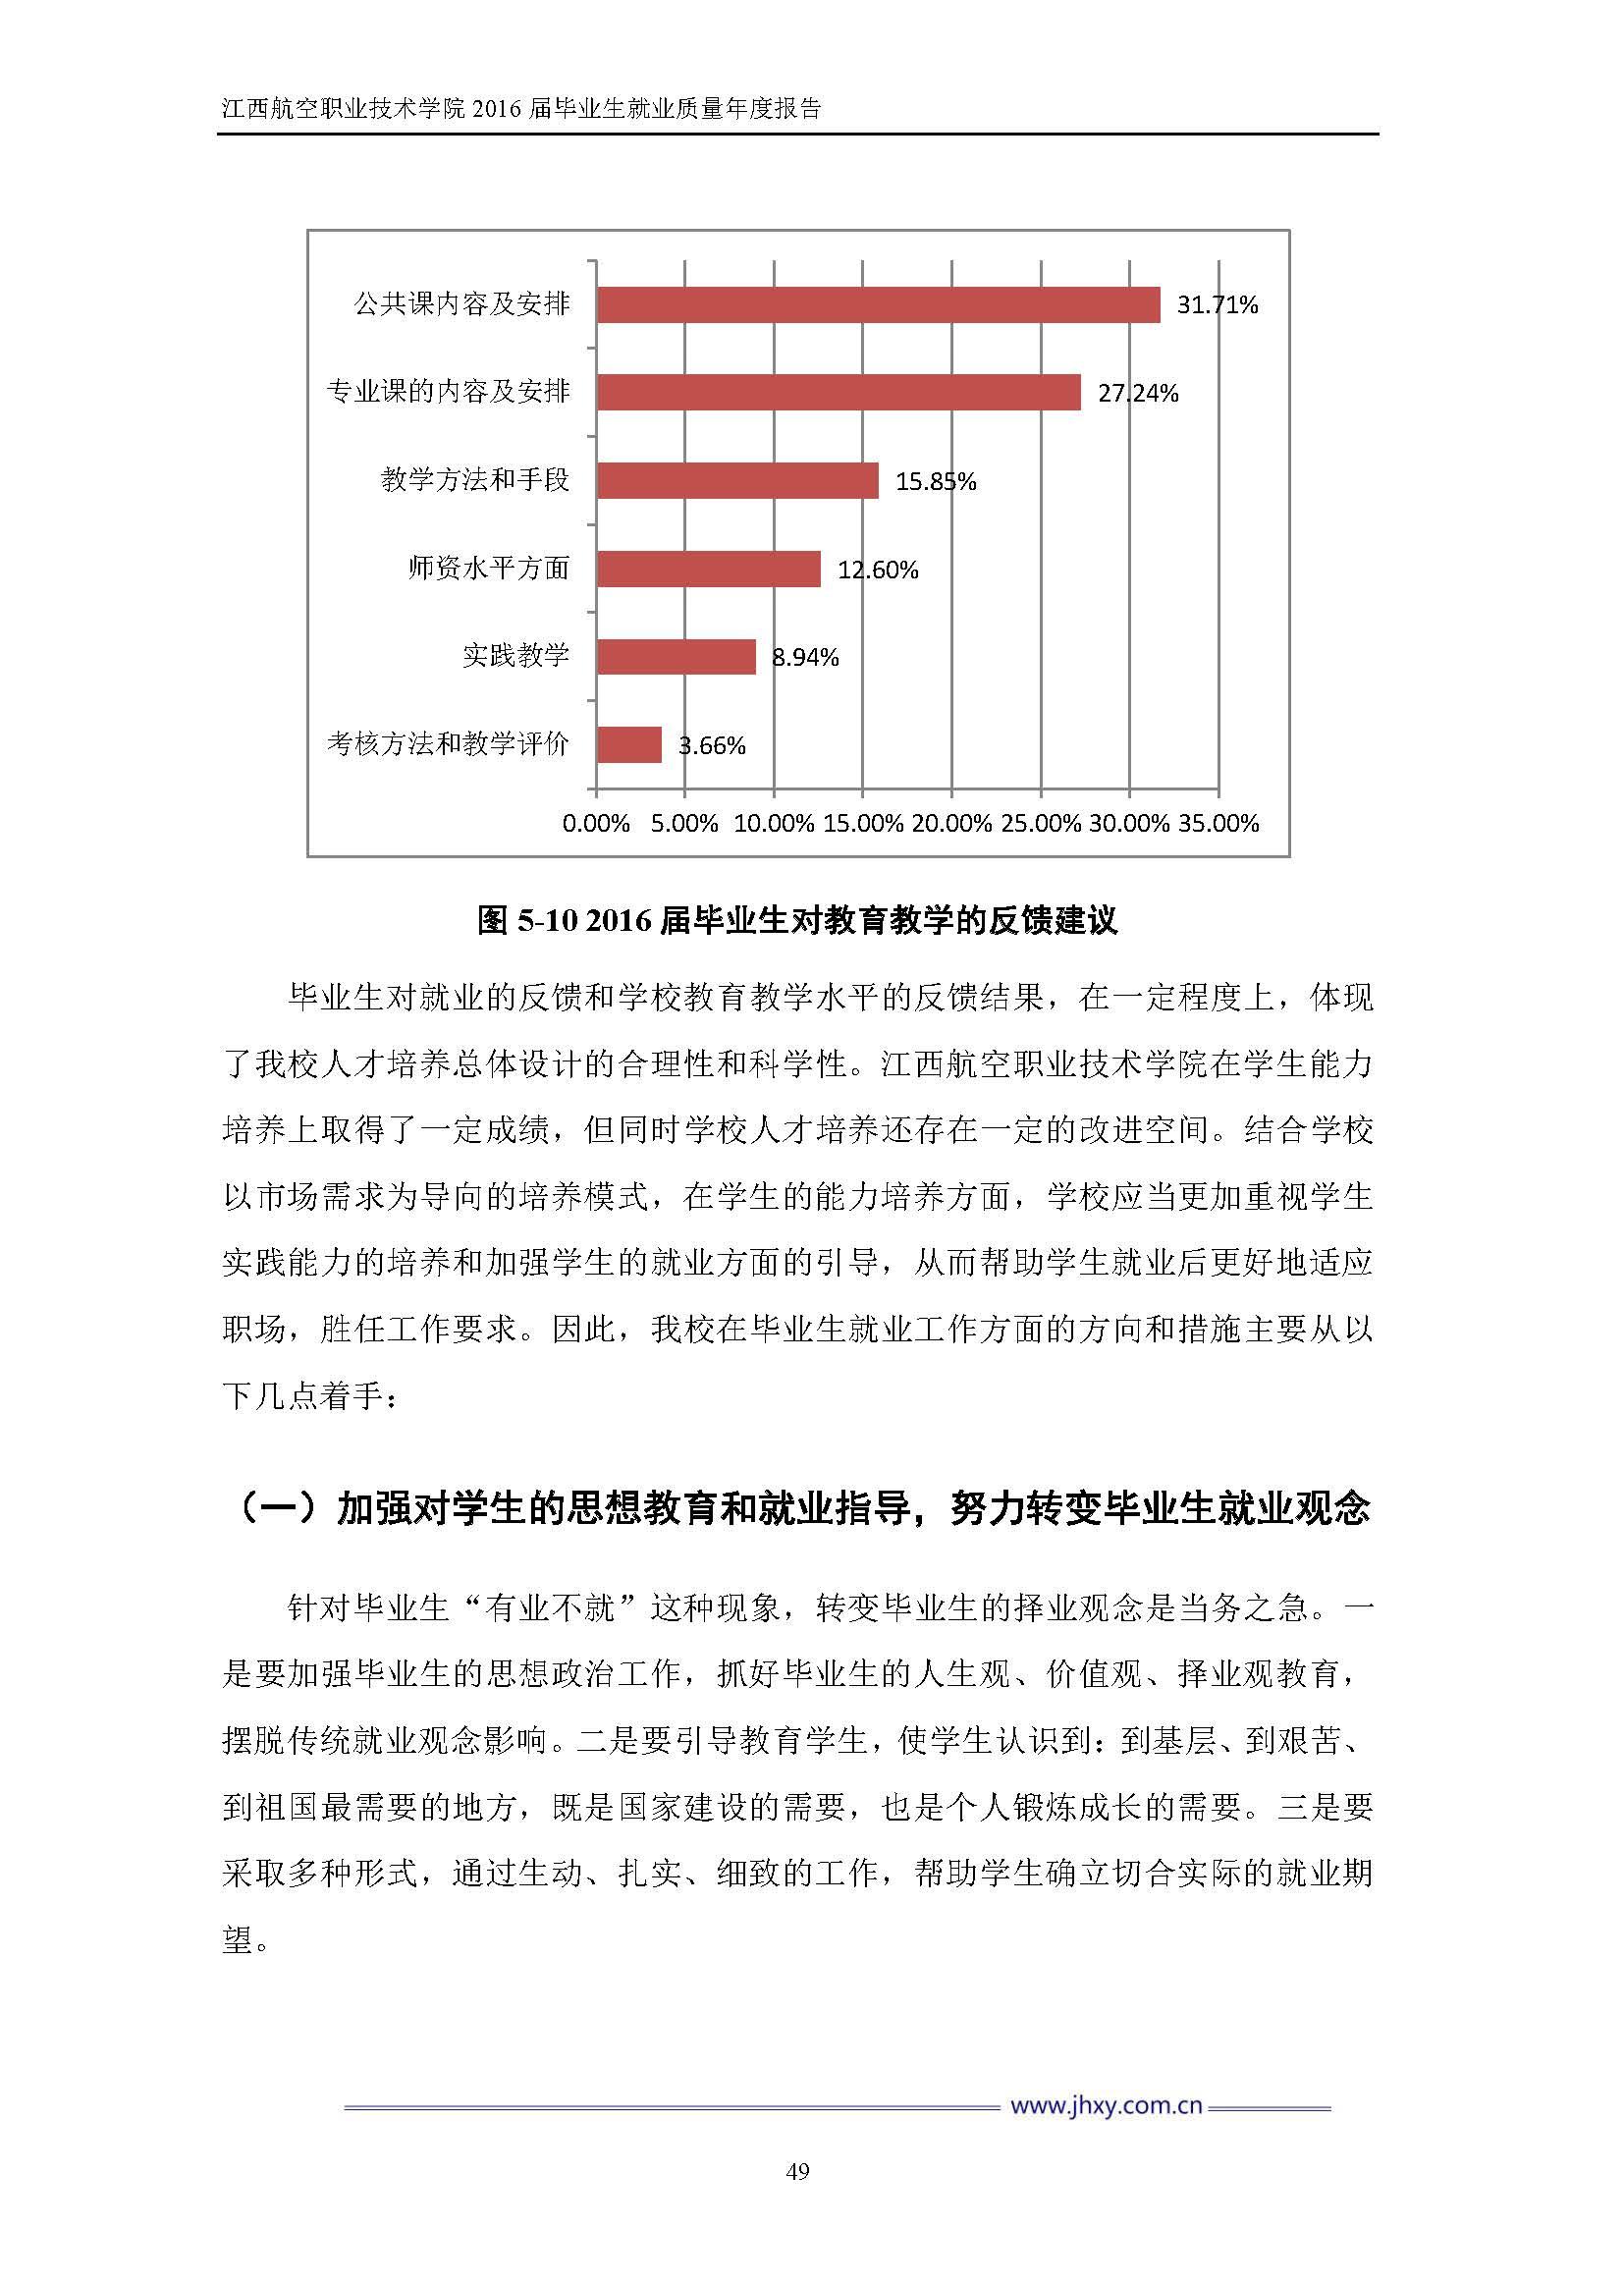 江西航空职业技术学院2016届毕业生就业质量年度报告_Page_56.jpg